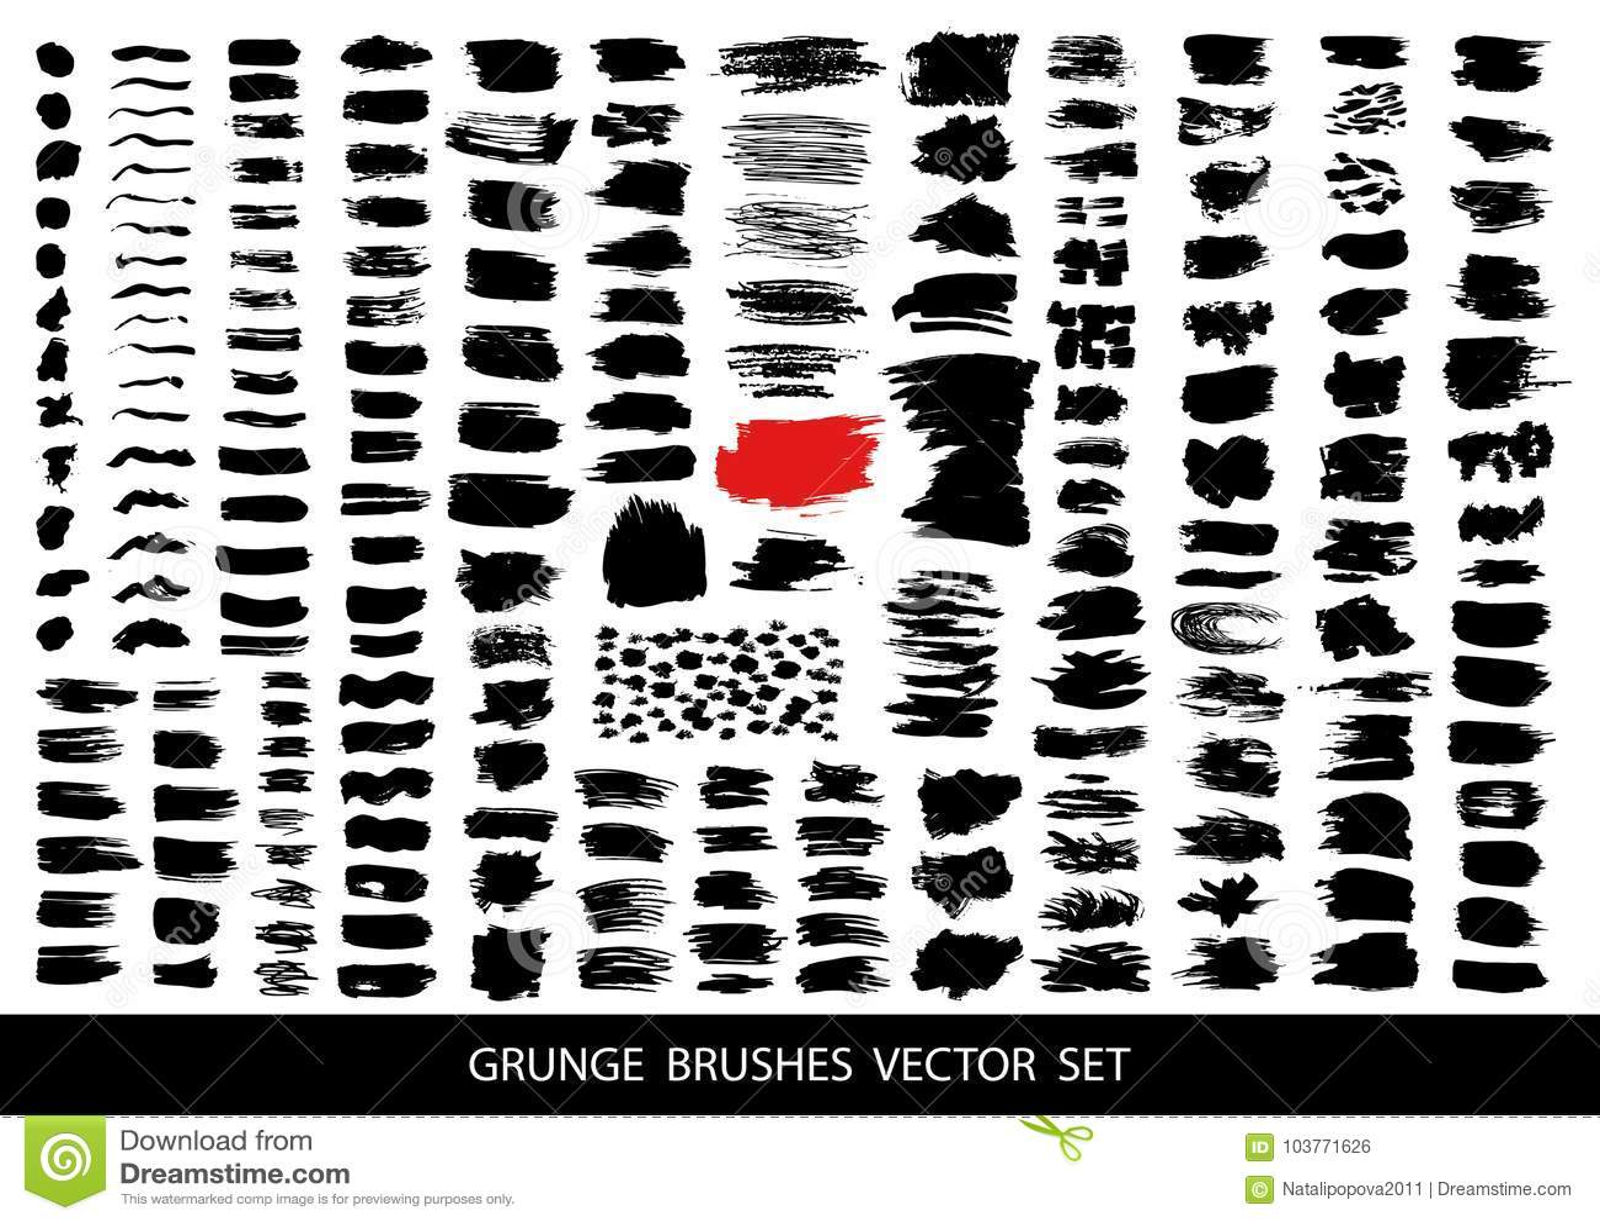 Μεγάλο σύνολο μαύρου χρώματος, κτυπήματα βουρτσών μελανιού, βούρτσες, γραμμές Βρώμικα καλλιτεχνικά στοιχεία σχεδίου, κιβώτια, πλα